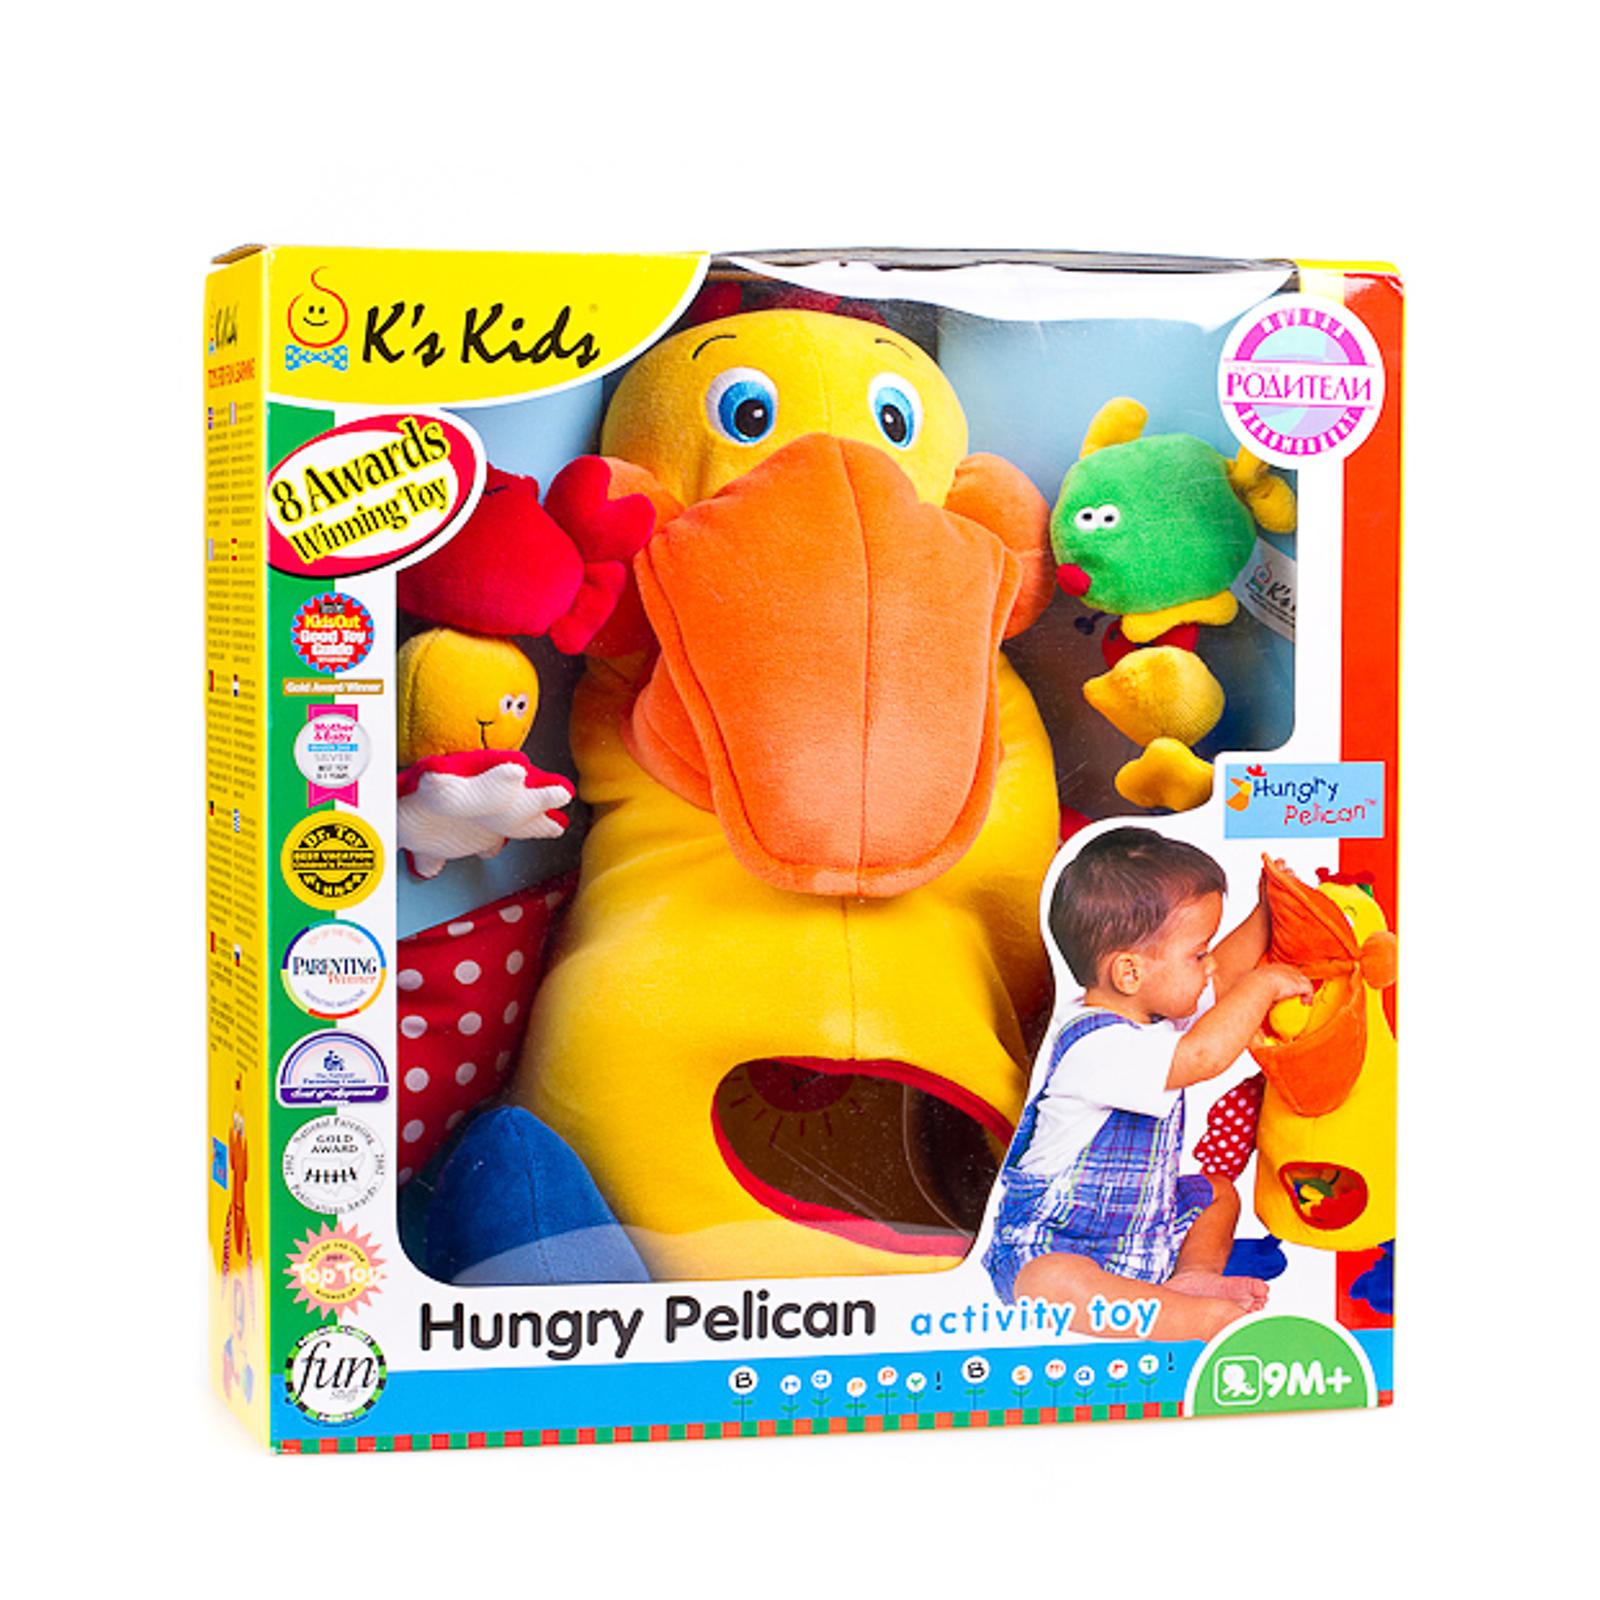 Развивающая игрушка K&amp;#039;s Kids Голодный пеликан с игрушками<br>